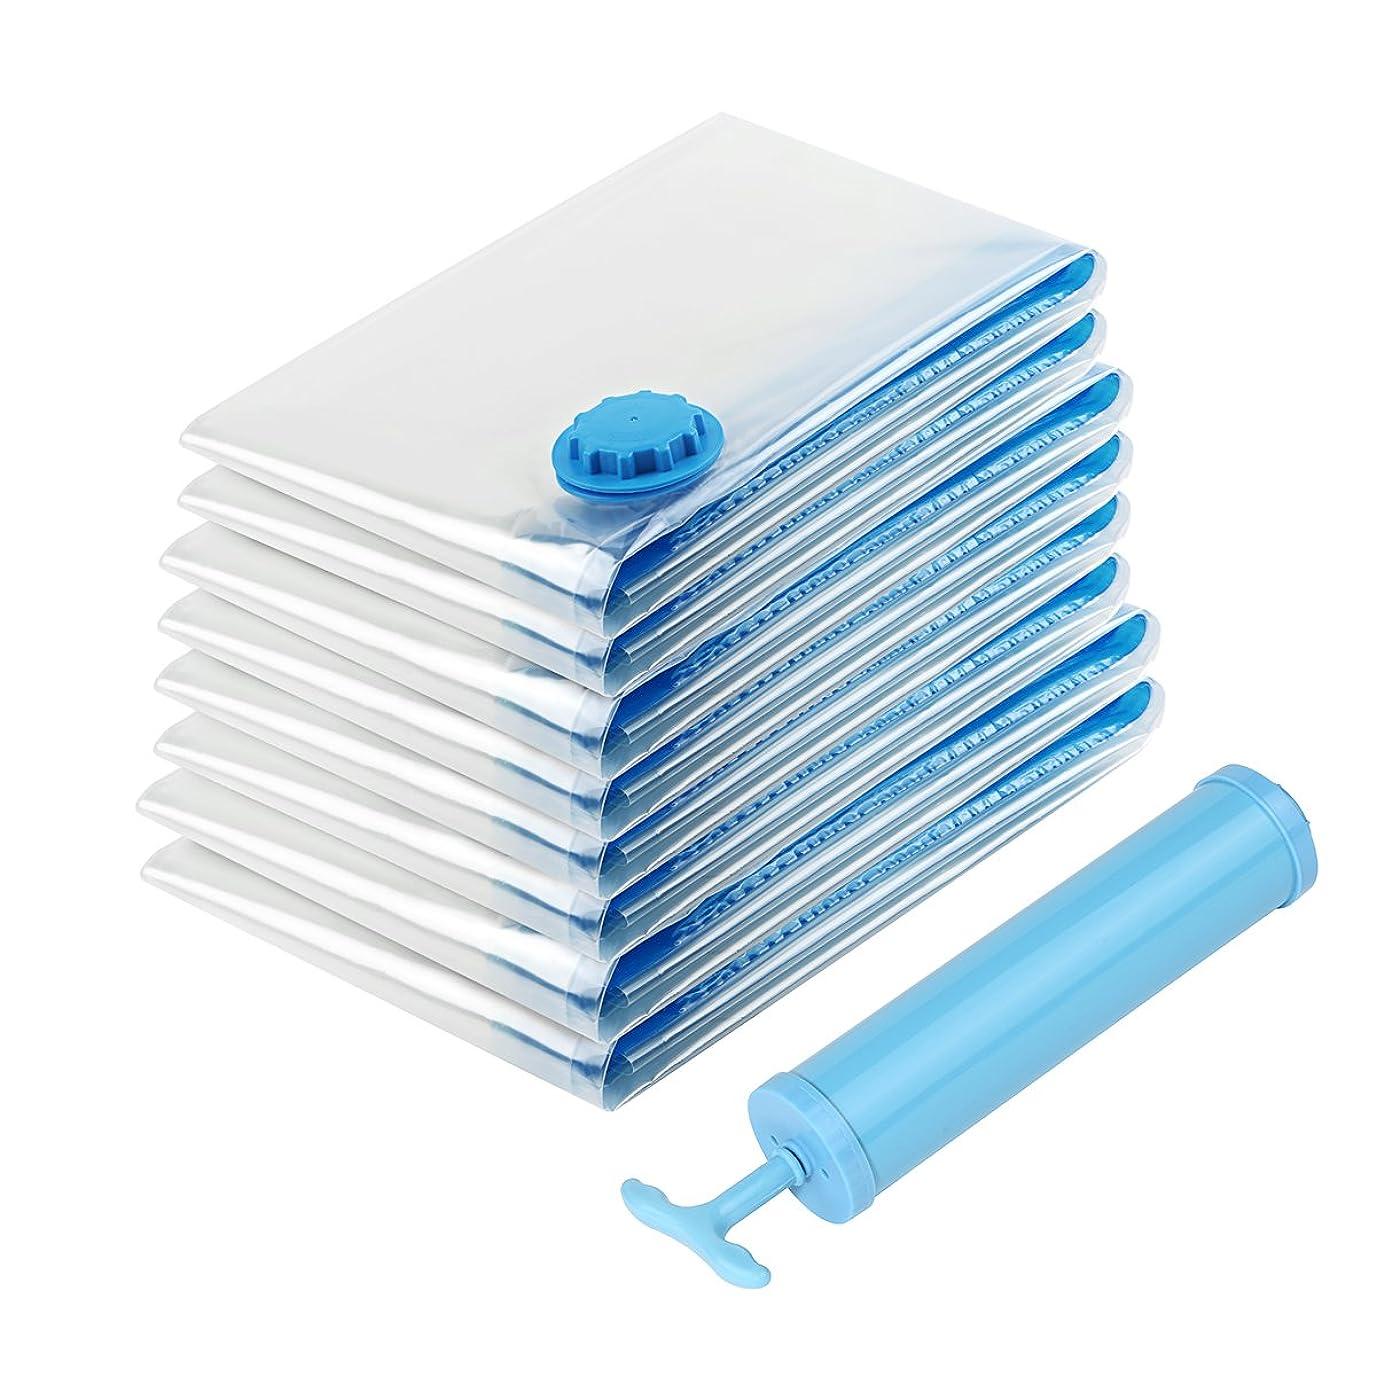 一般化する独立した不快布団圧縮袋 衣類圧縮袋 10枚入 ポンプ付き ダニ 防虫防塵防湿 カビ対策